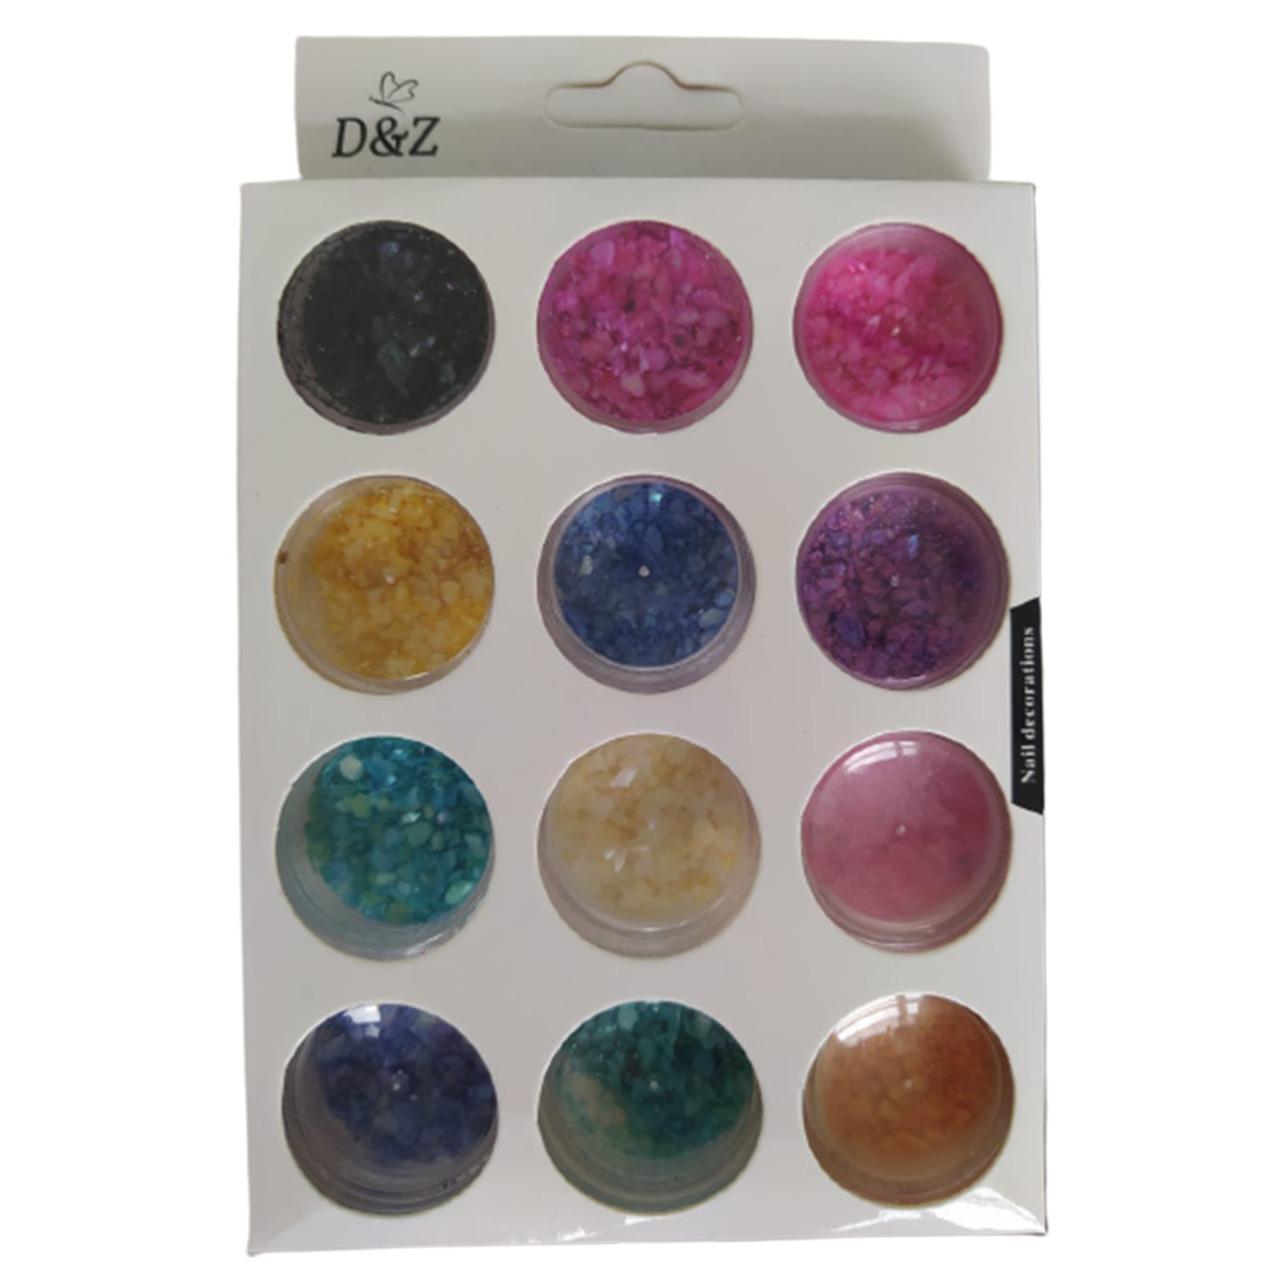 Kit com 12 cores de Madrepérola Picada D&Z